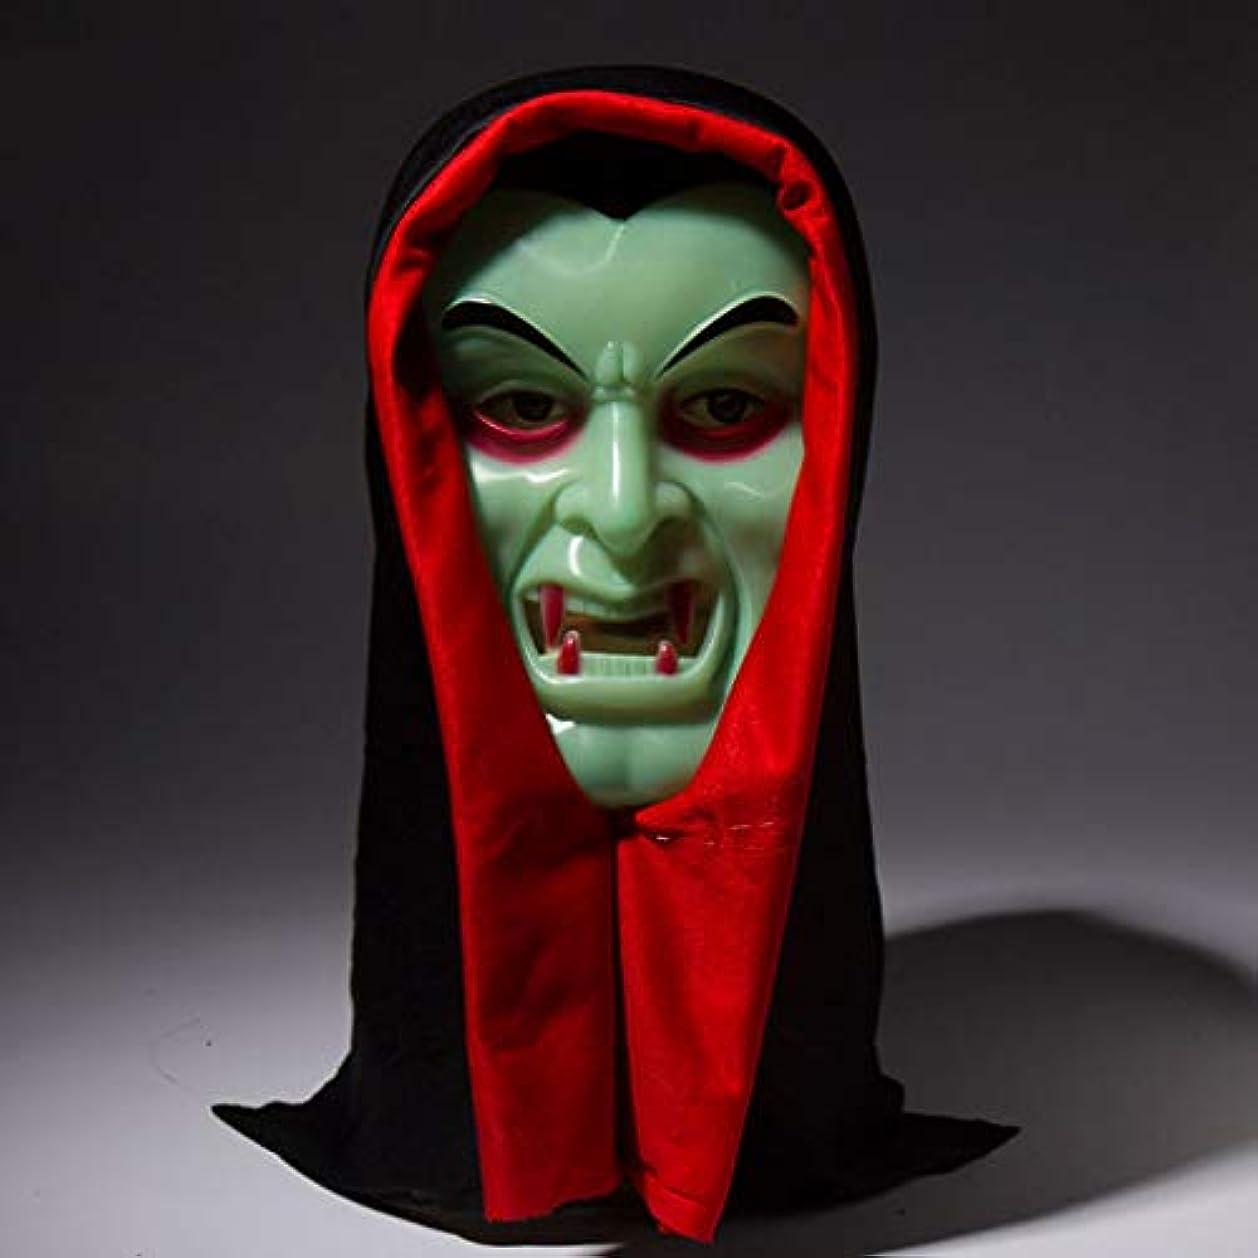 はちみつ設置どこでもハロウィーン悲鳴悪魔ホラーマスクしかめっ面怖いゾンビヘッドギア大人ゴーストフェスティバルボールマスク